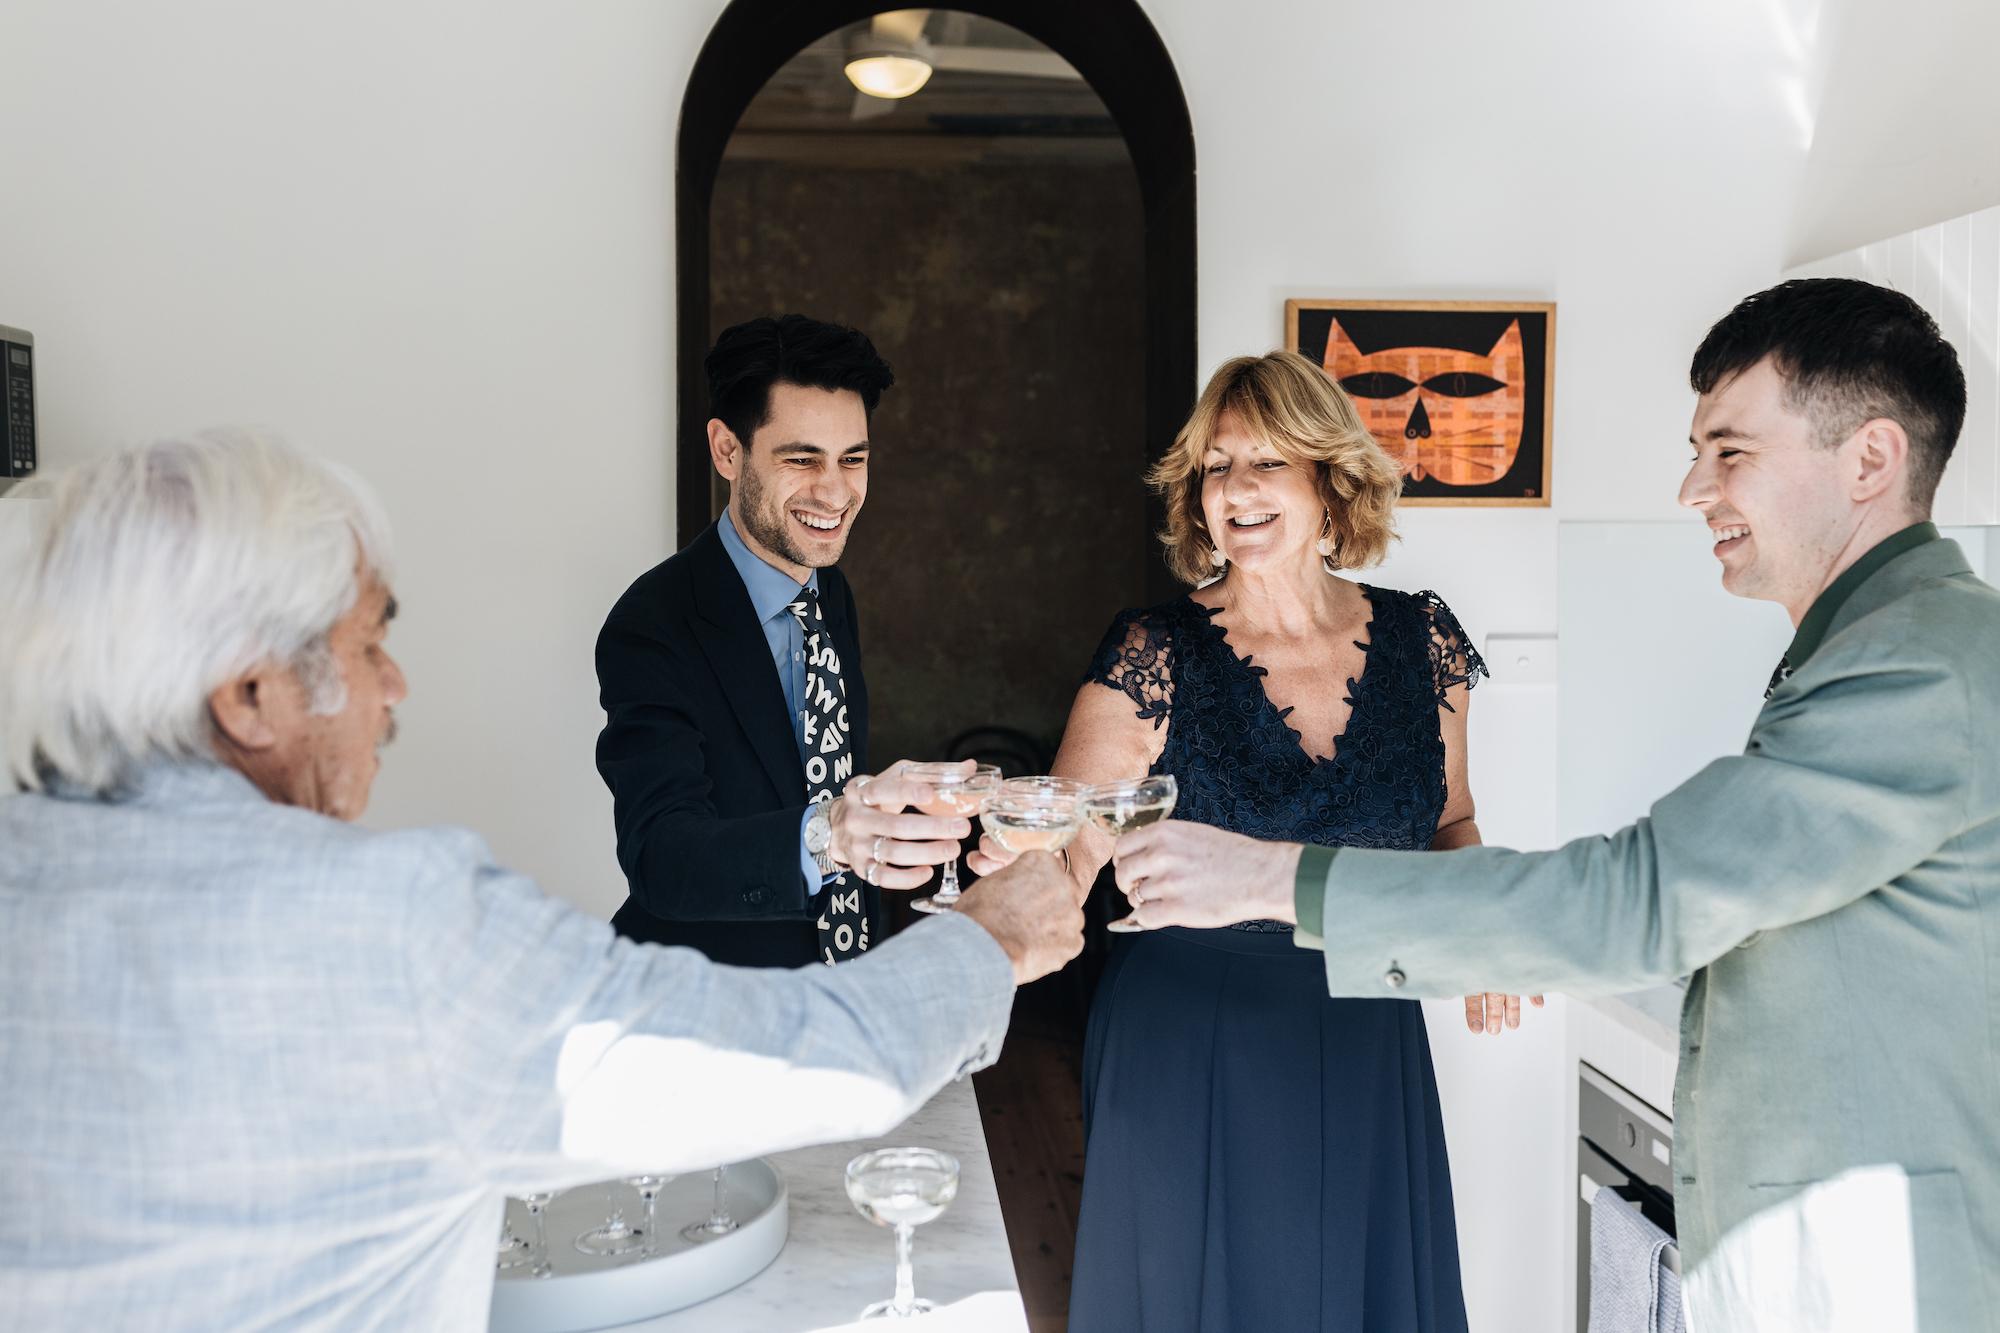 Mitch & Dane_Married 21 Oct 2018_Photo by Savannah van der Niet-9.jpg